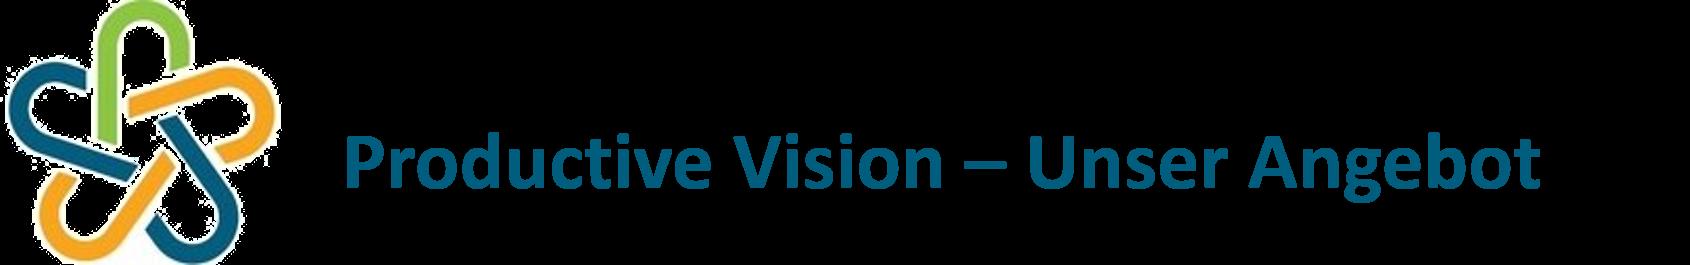 Productive Vision - Unser Angebot Logo